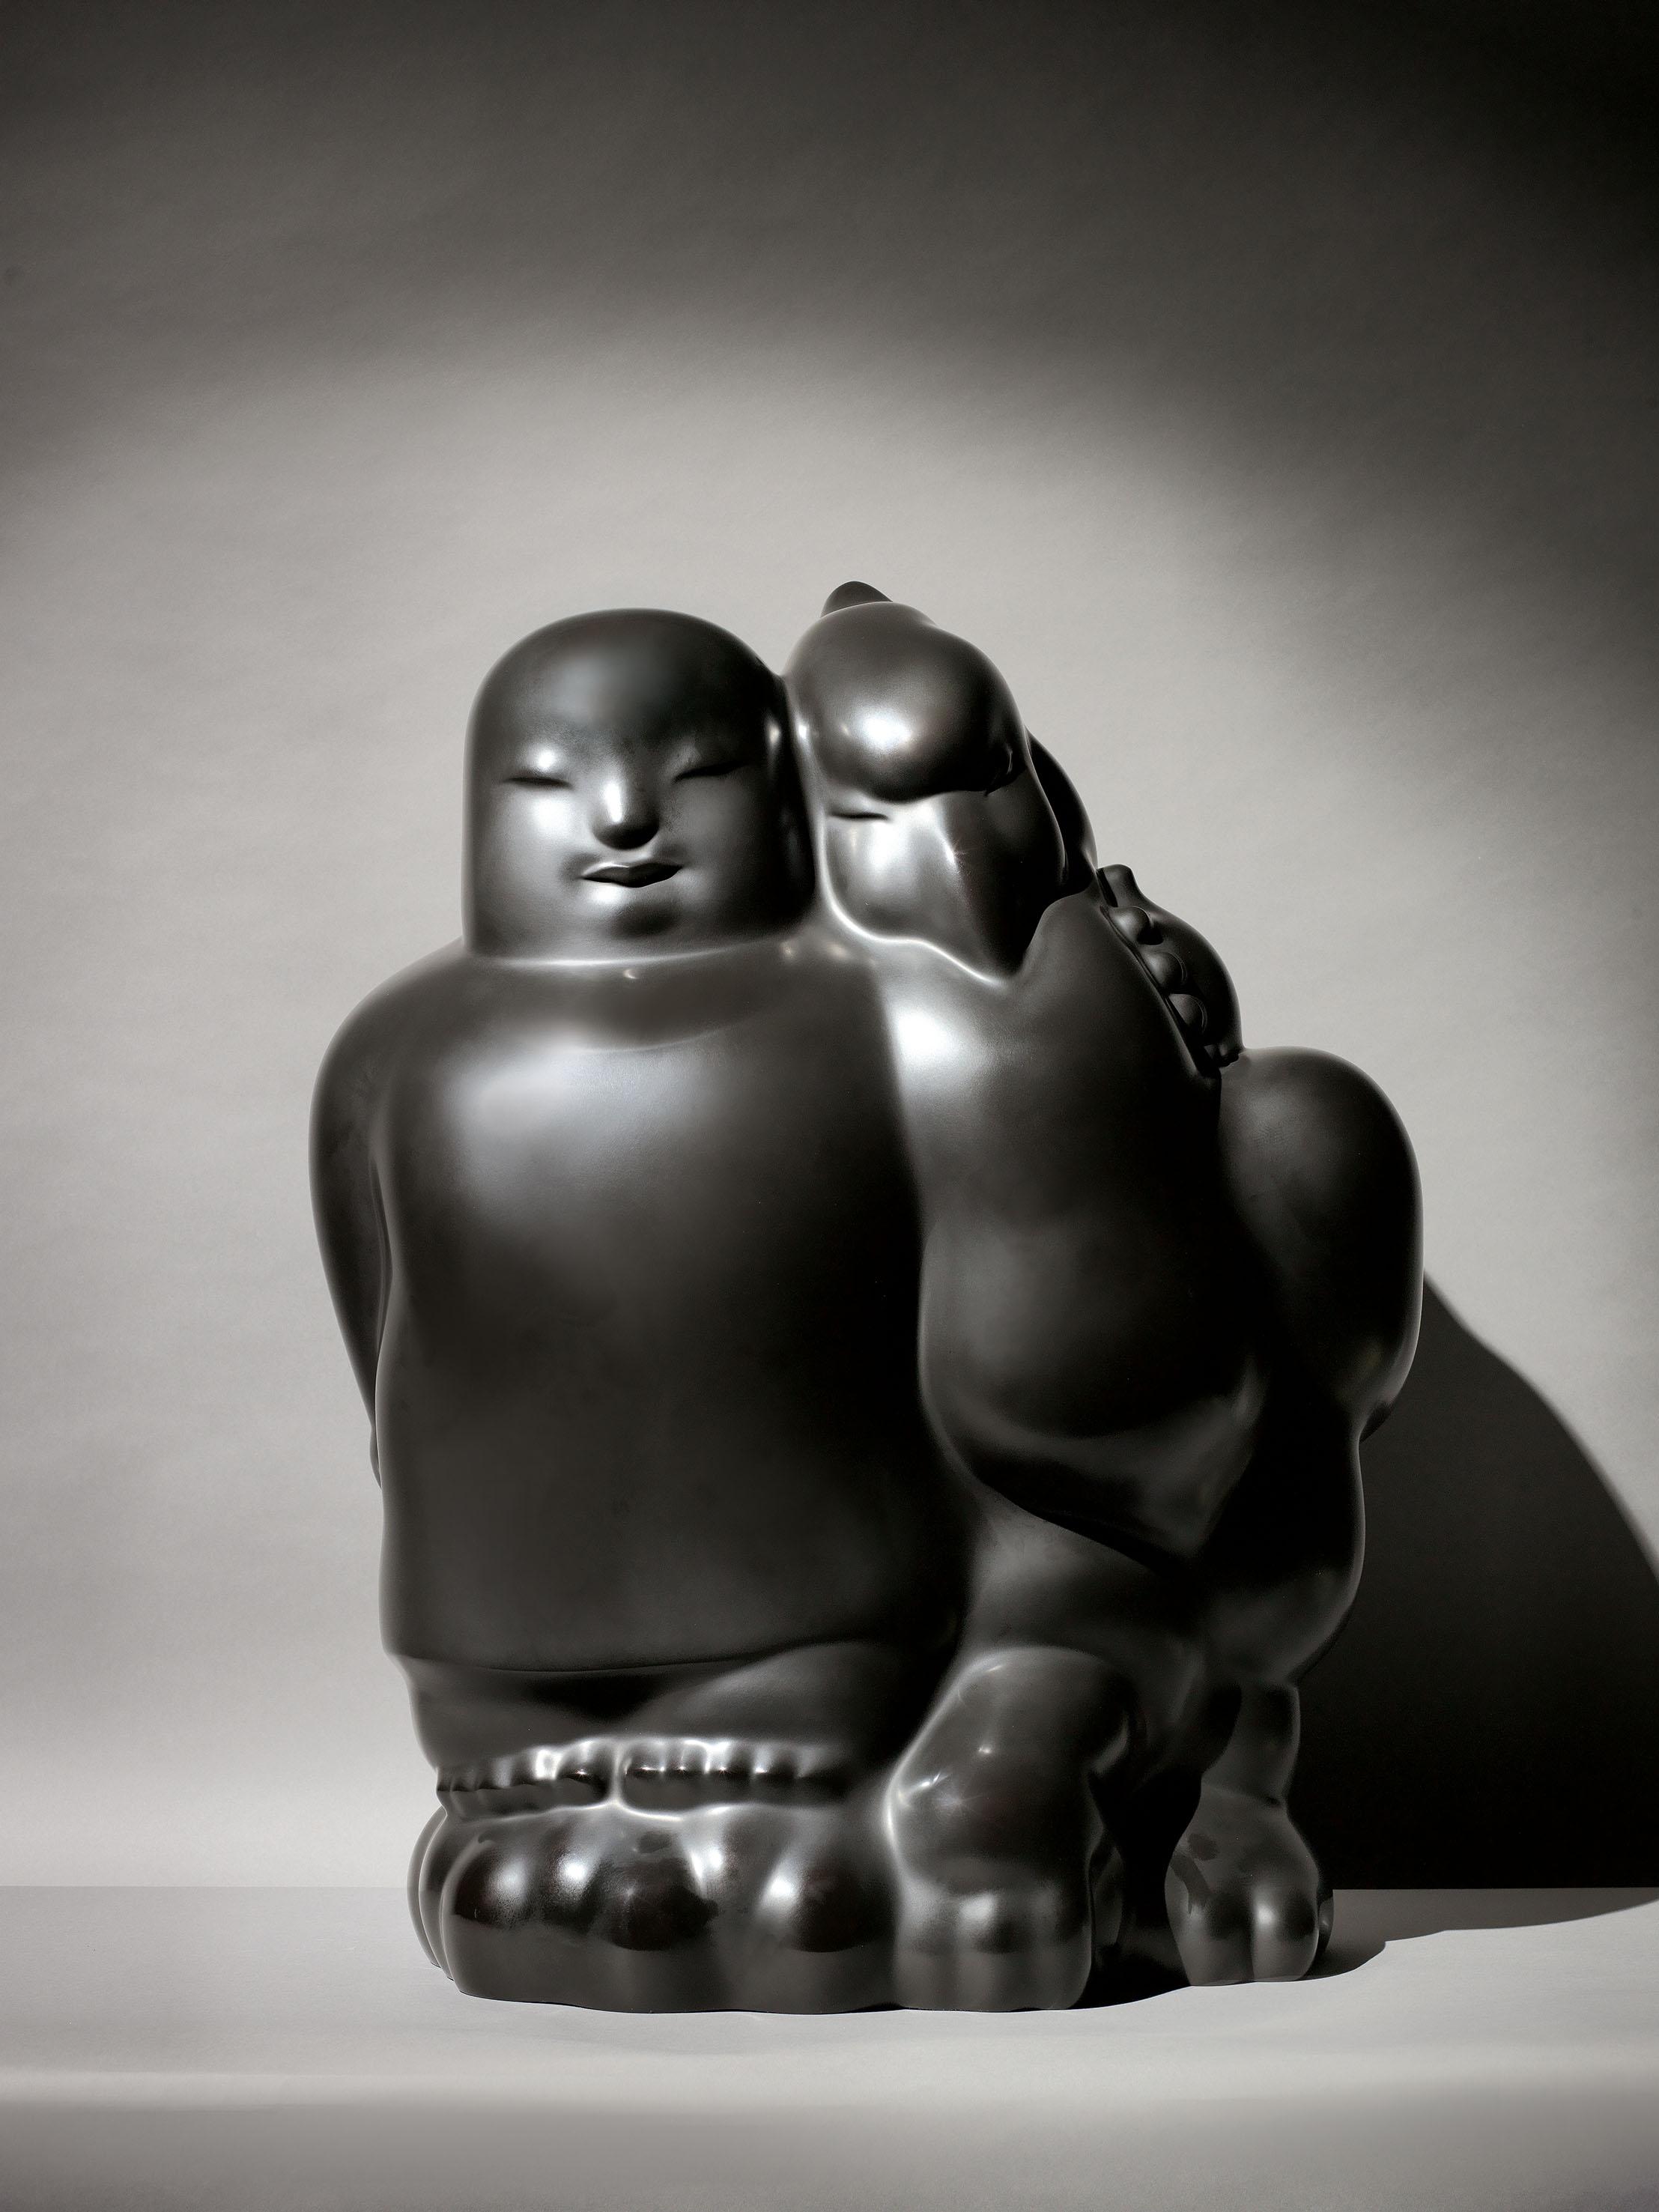 LI CHEN (Chinese, B. 1963)